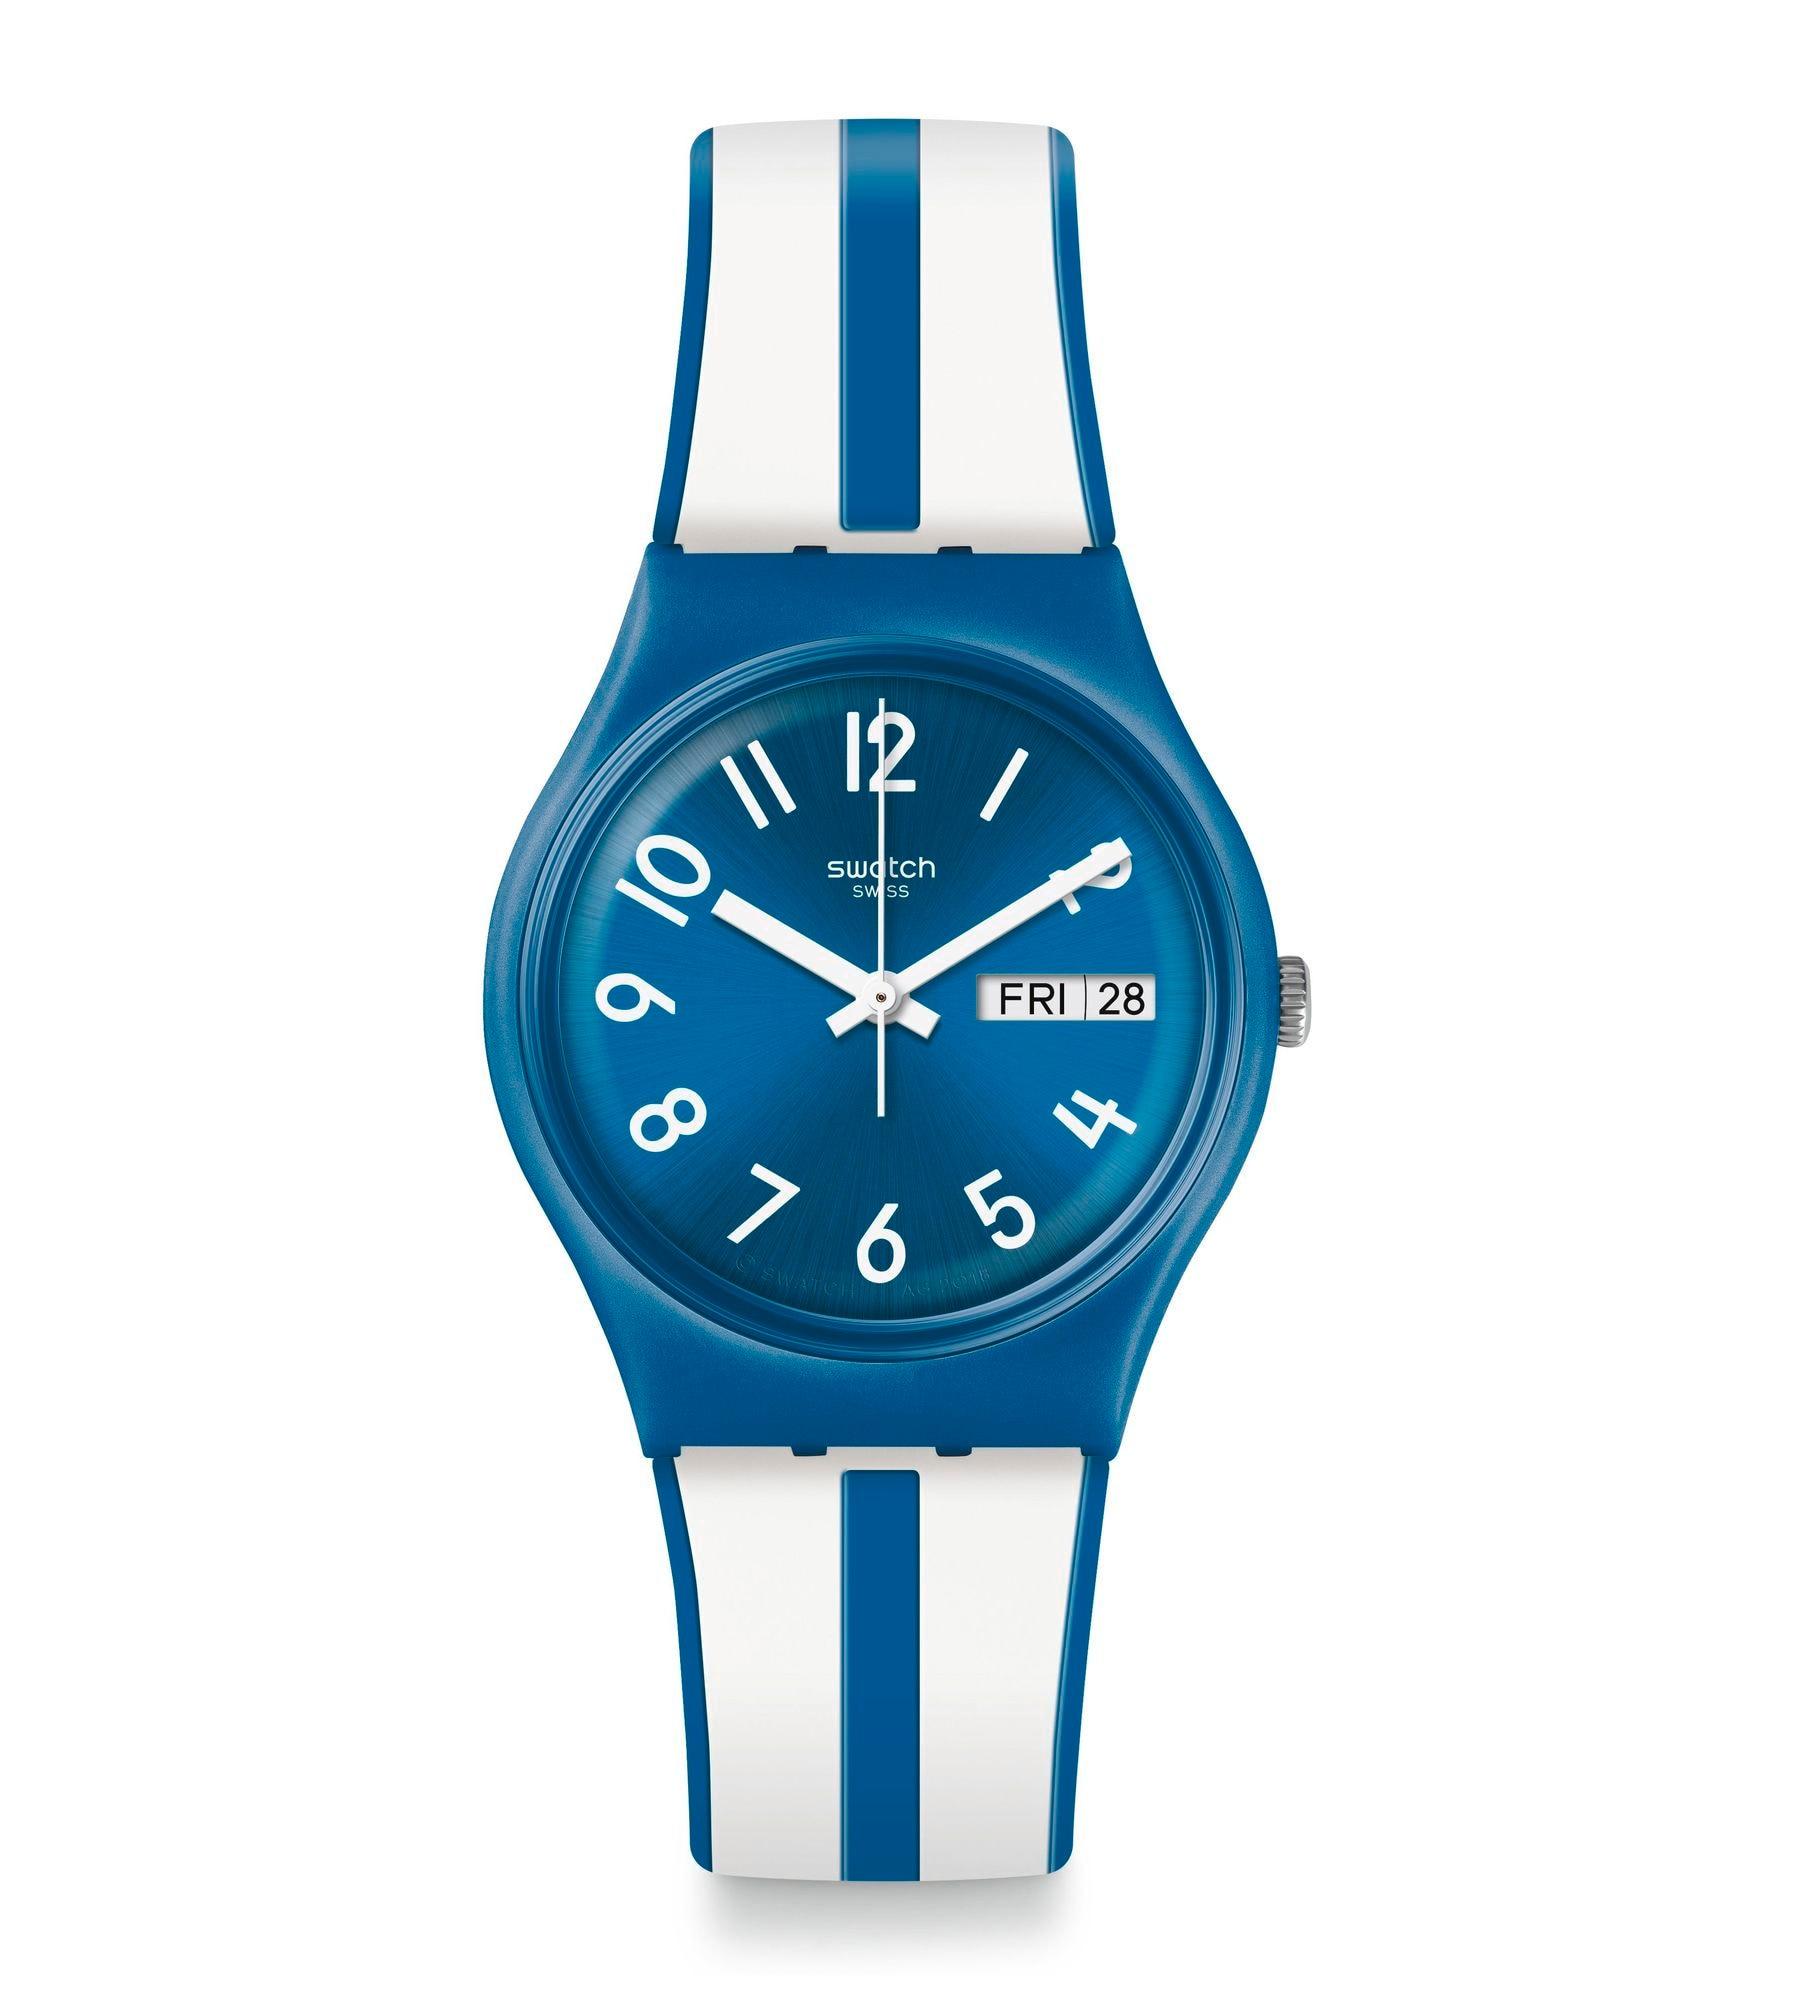 Sevilla Swatch Tienda Relojes En De c35LAS4qRj